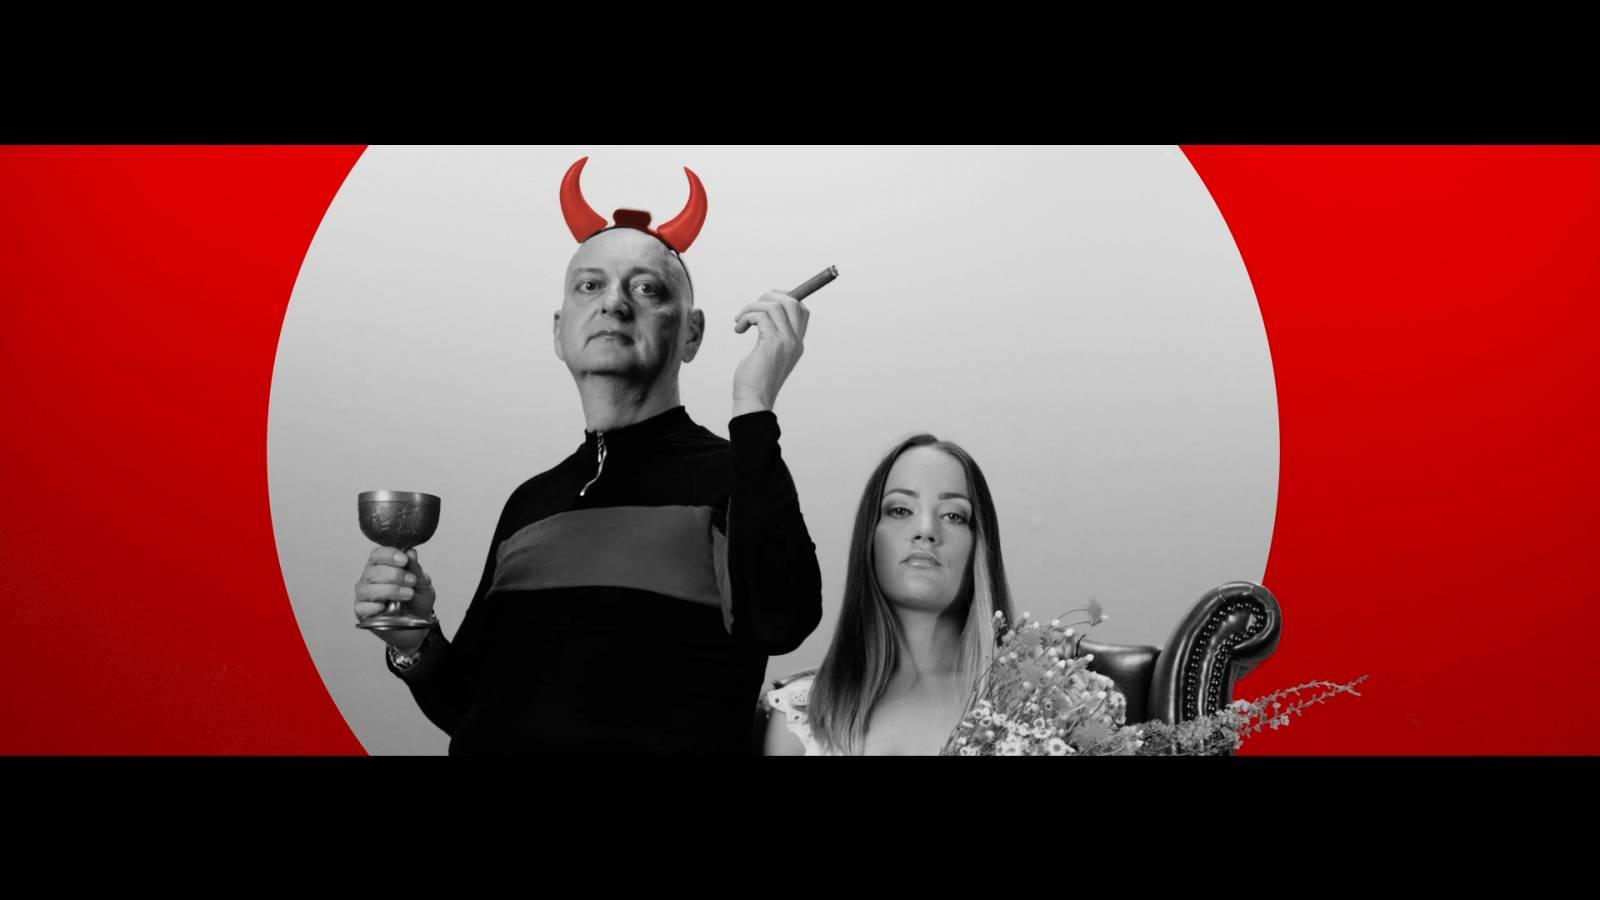 Lucie přichází s klipem k písničce Chtěli jsme lítat. Jedné z nejhranějších v českých rádiích